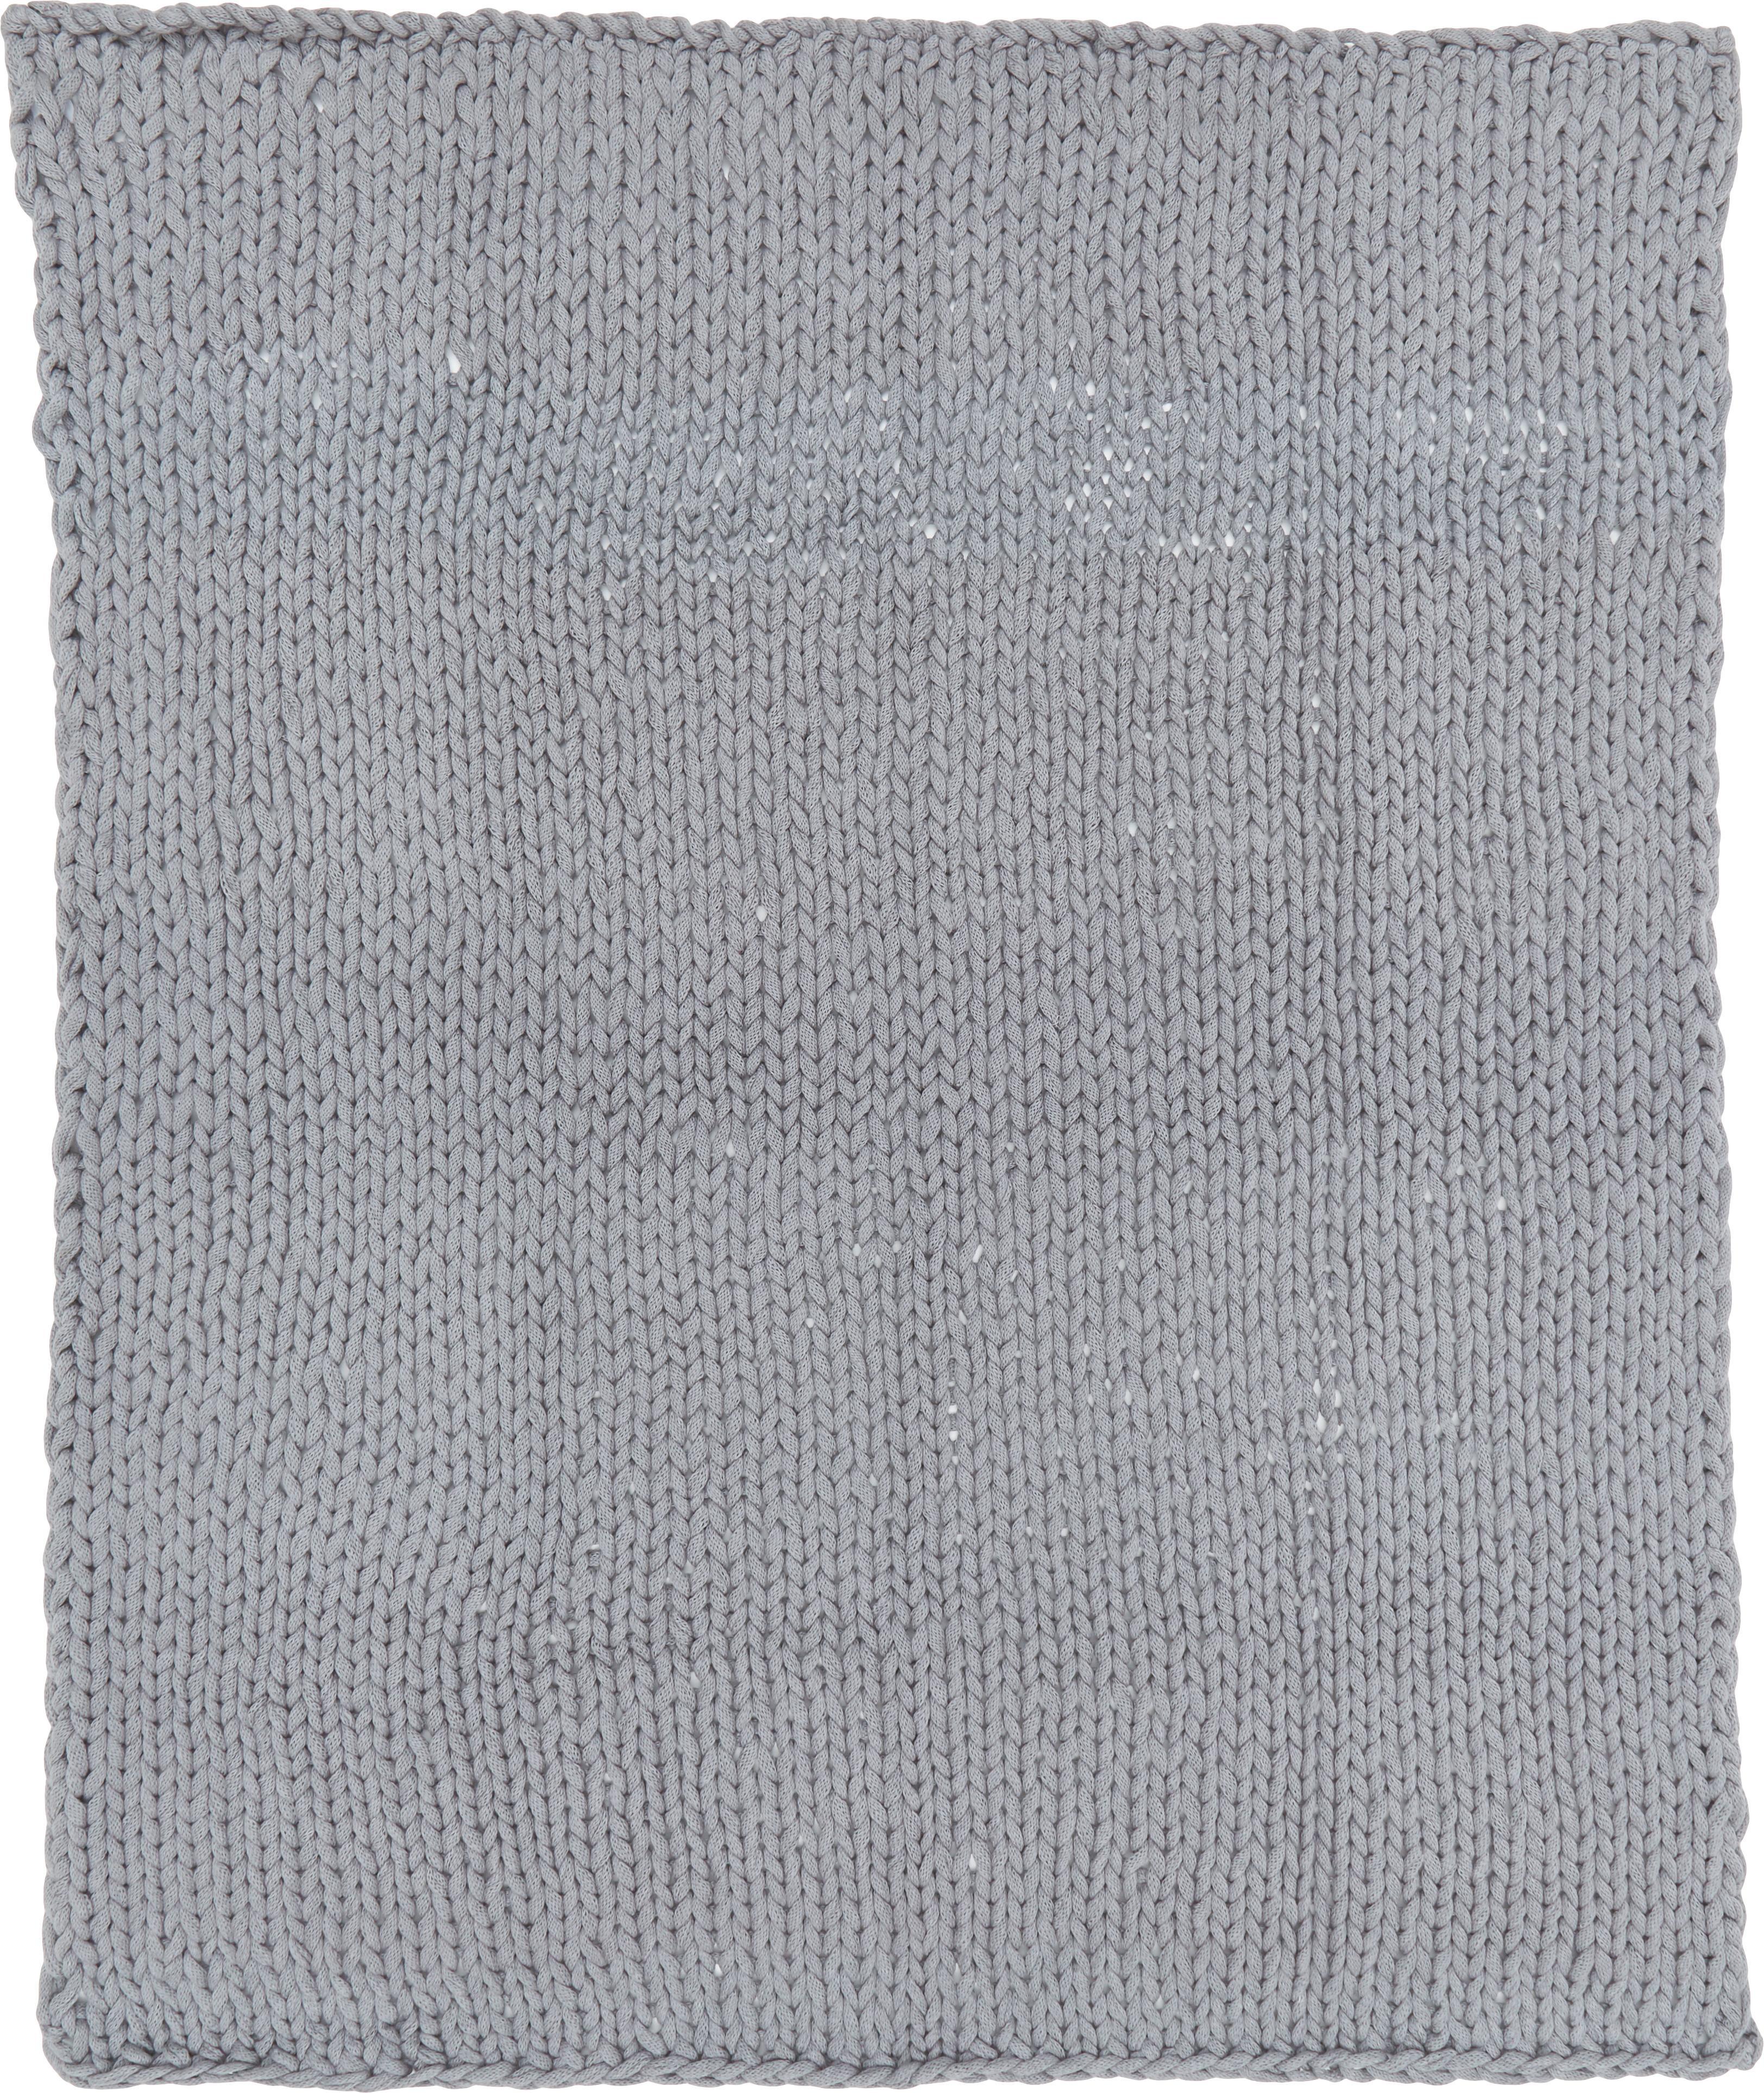 Grobes Strick-Plaid Adyna in Hellgrau, 100% Acryl, Hellgrau, 150 x 200 cm